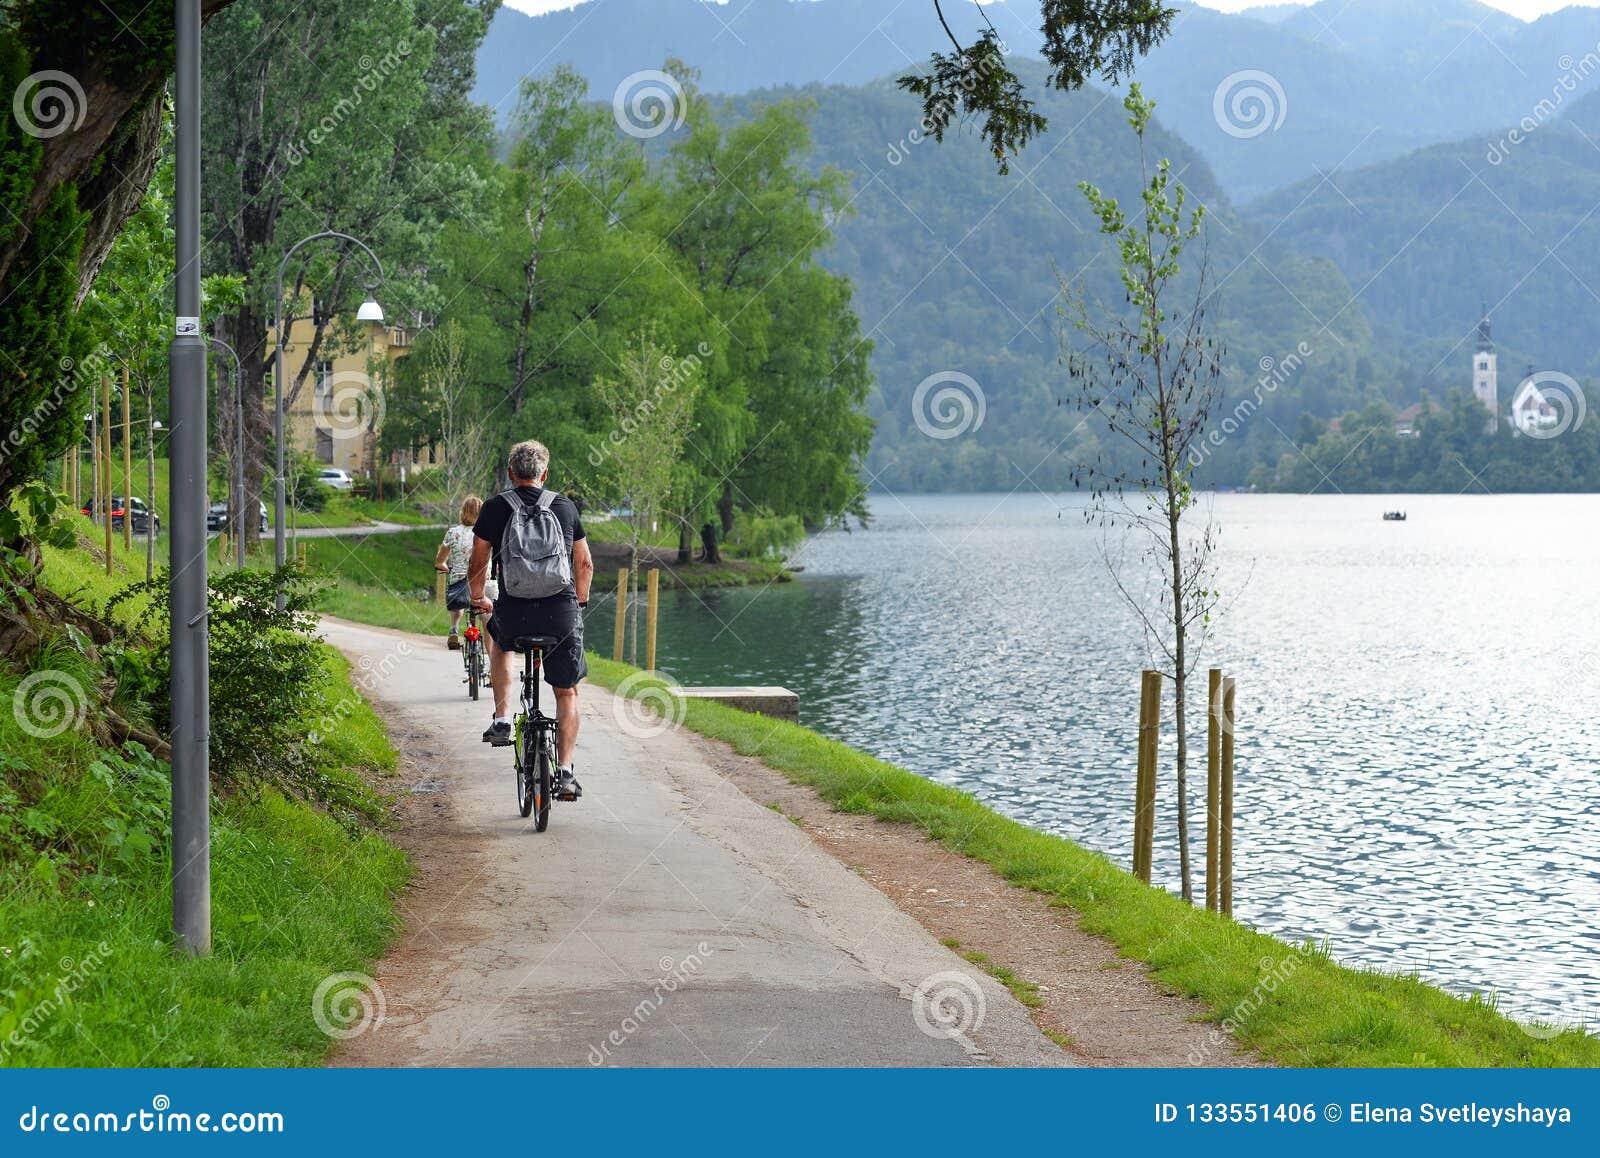 美丽的布莱德湖在朱利安阿尔卑斯山和循环的旅游山、清楚的蓝绿色水湖和剧烈的天空蔚蓝